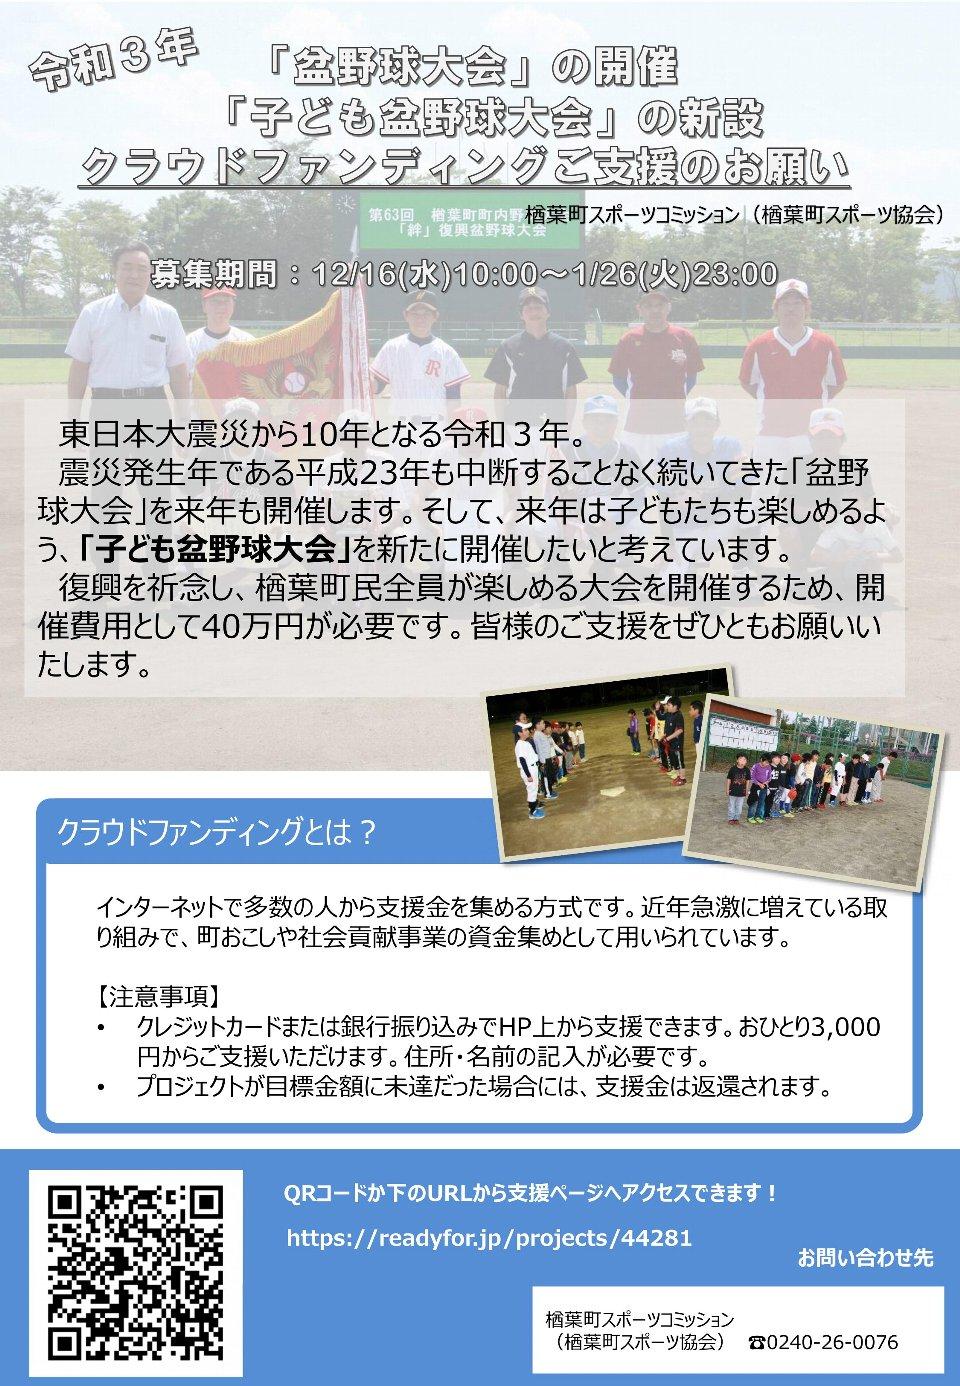 楢葉町スポーツコミッション - クラウドファンディング